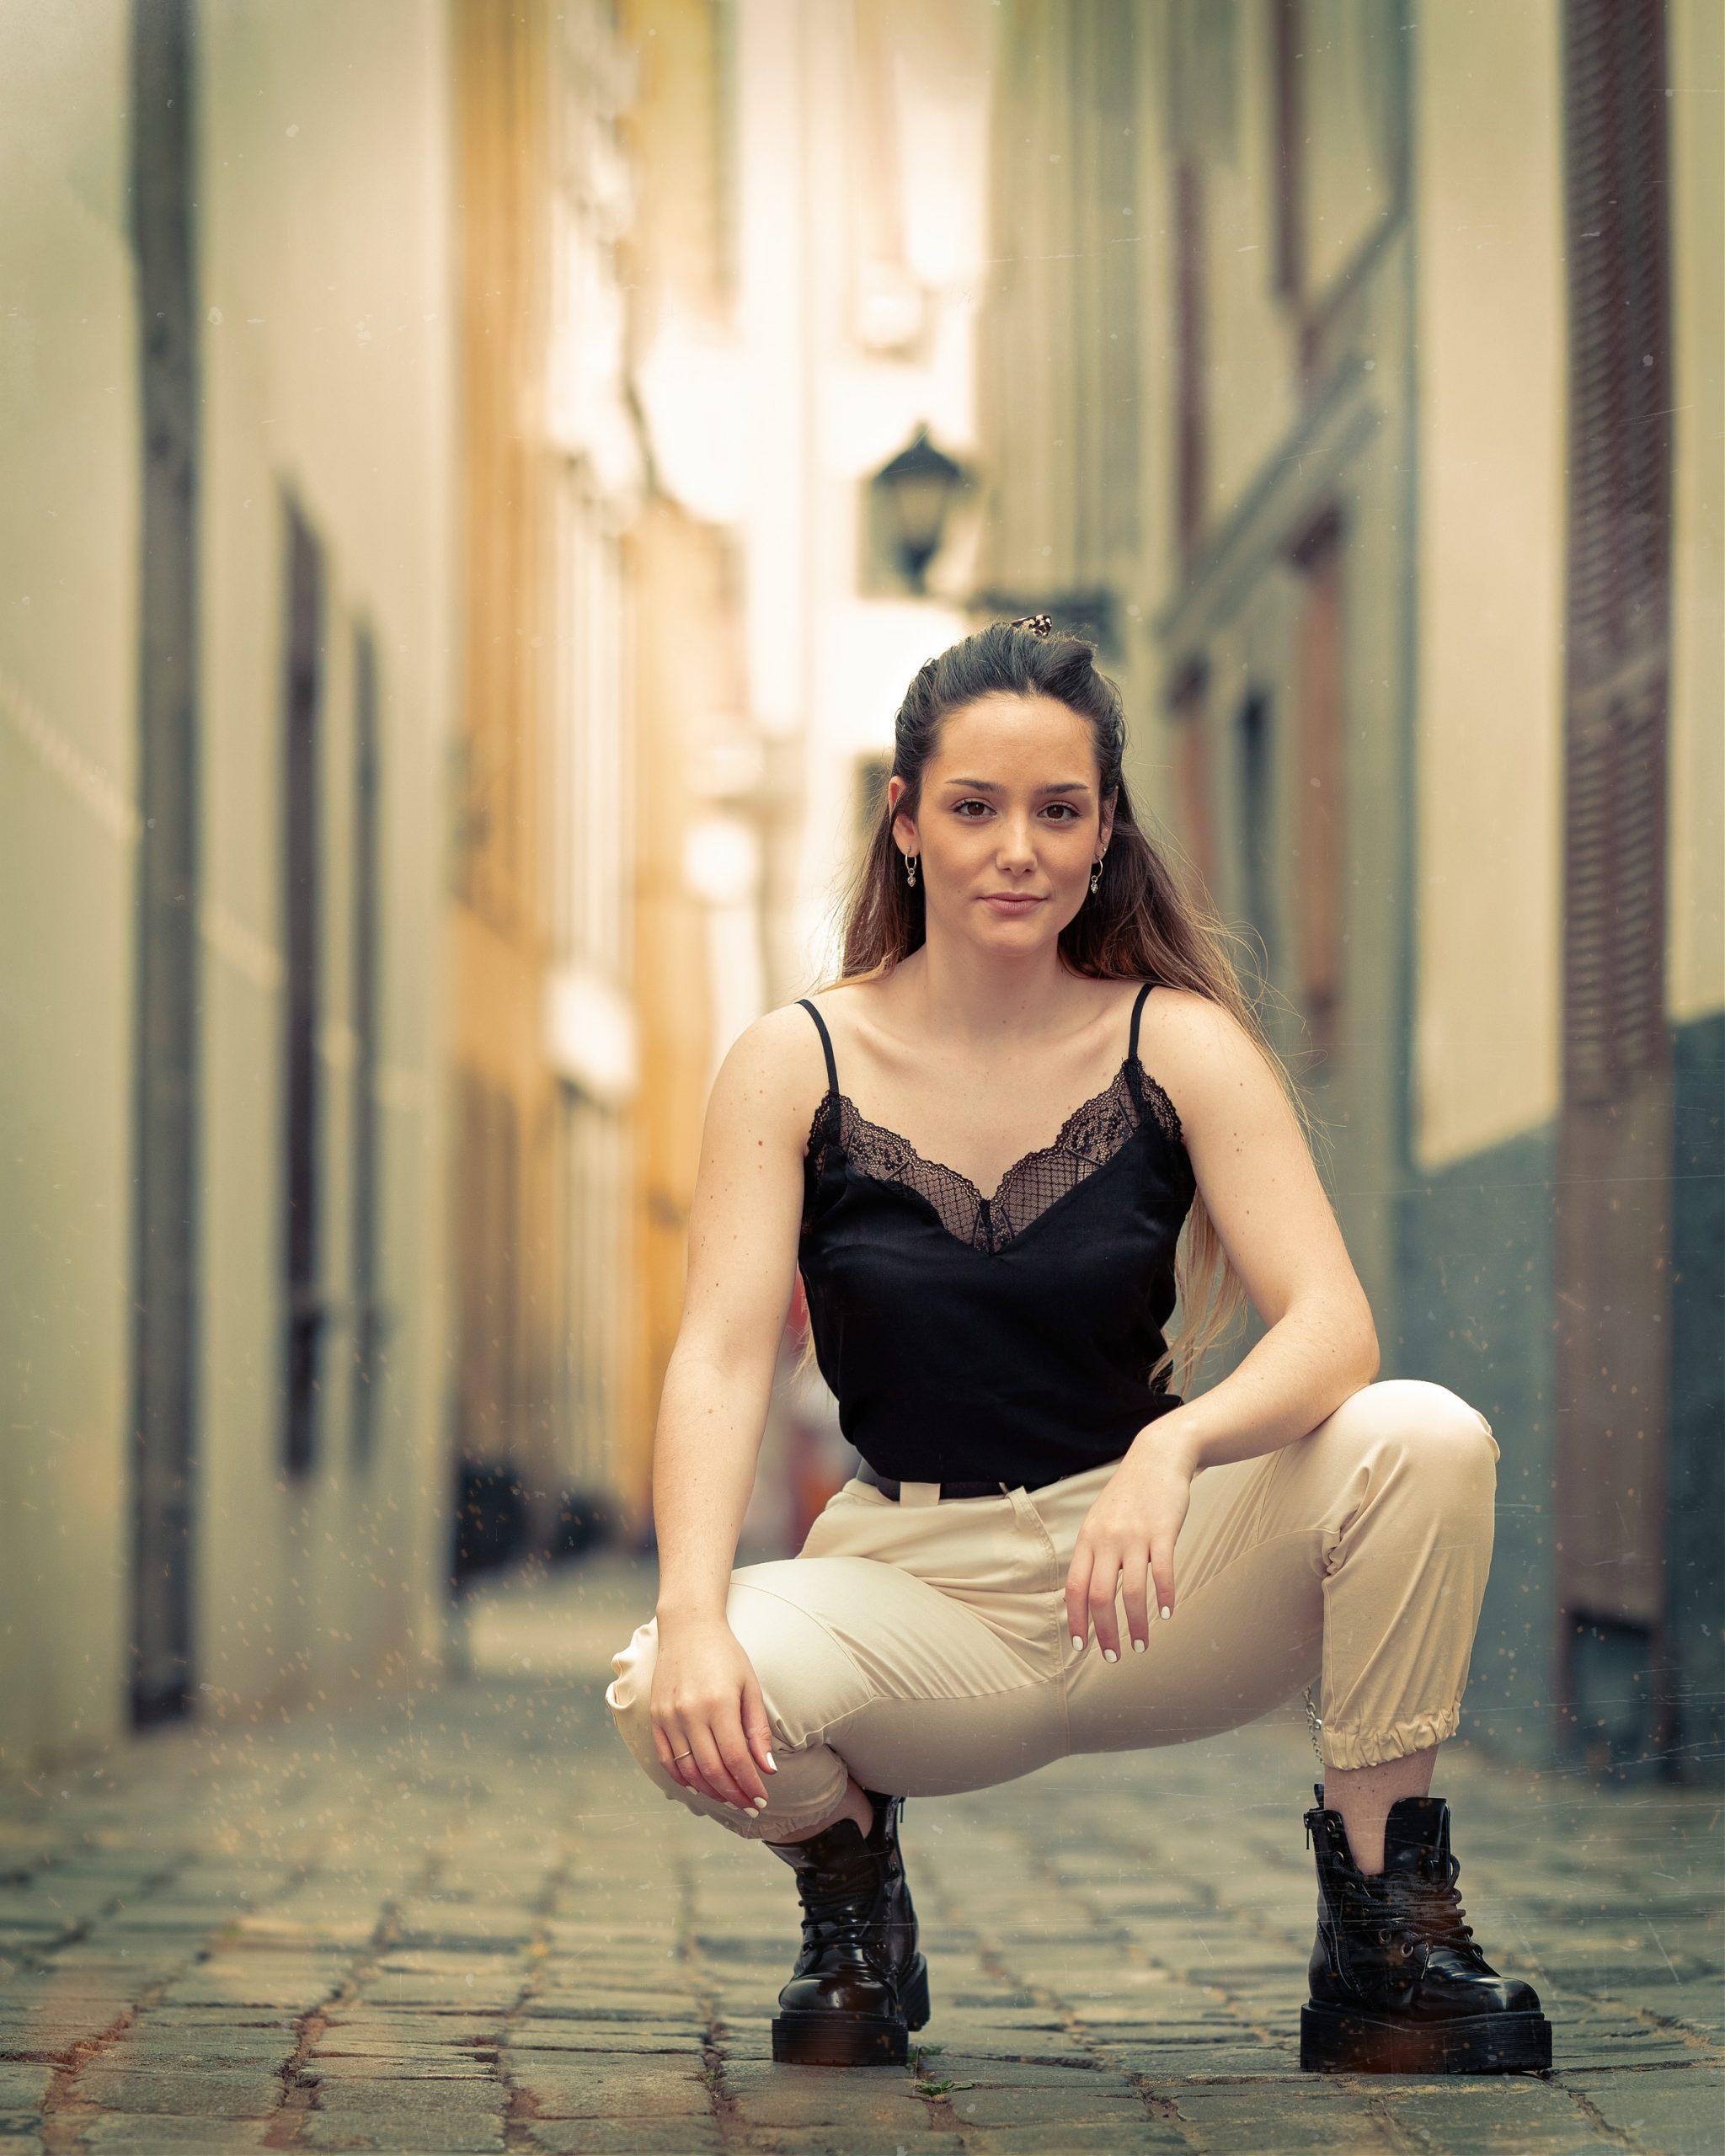 Fotografo Las Palmas de Gran Canaria retrato